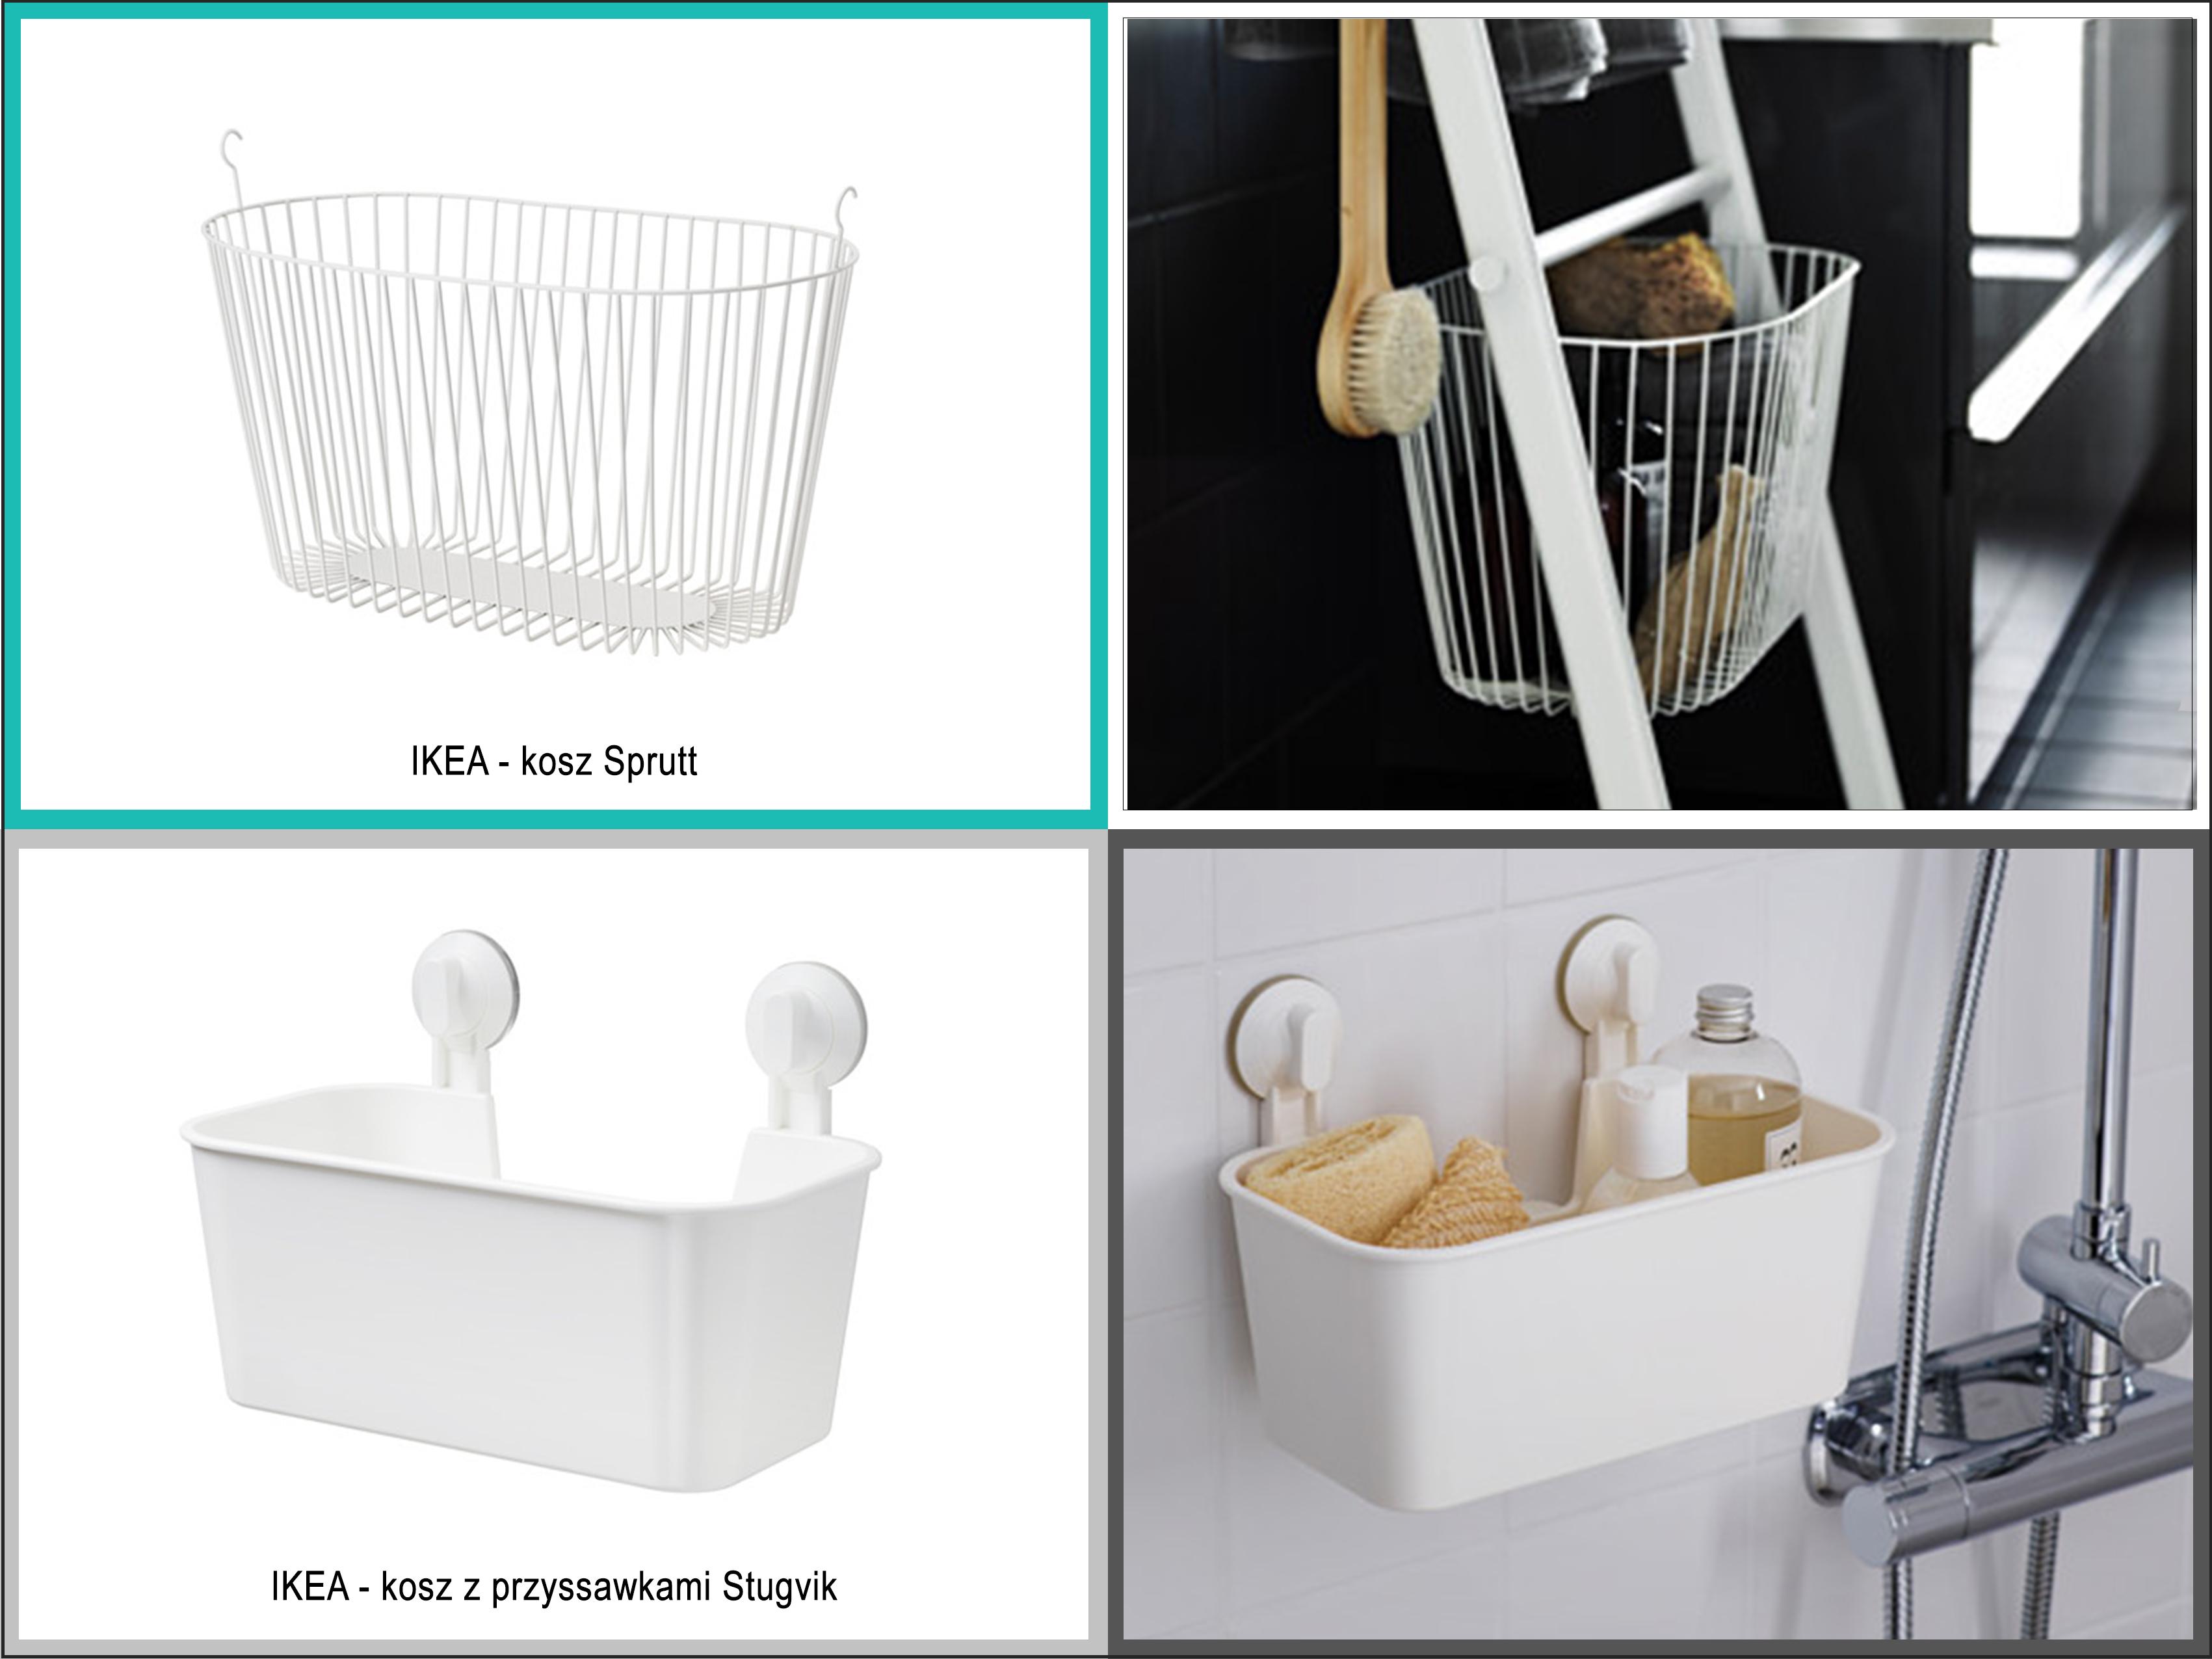 Akcja Organizacja I Dekoracja łazienka Archistacjapl